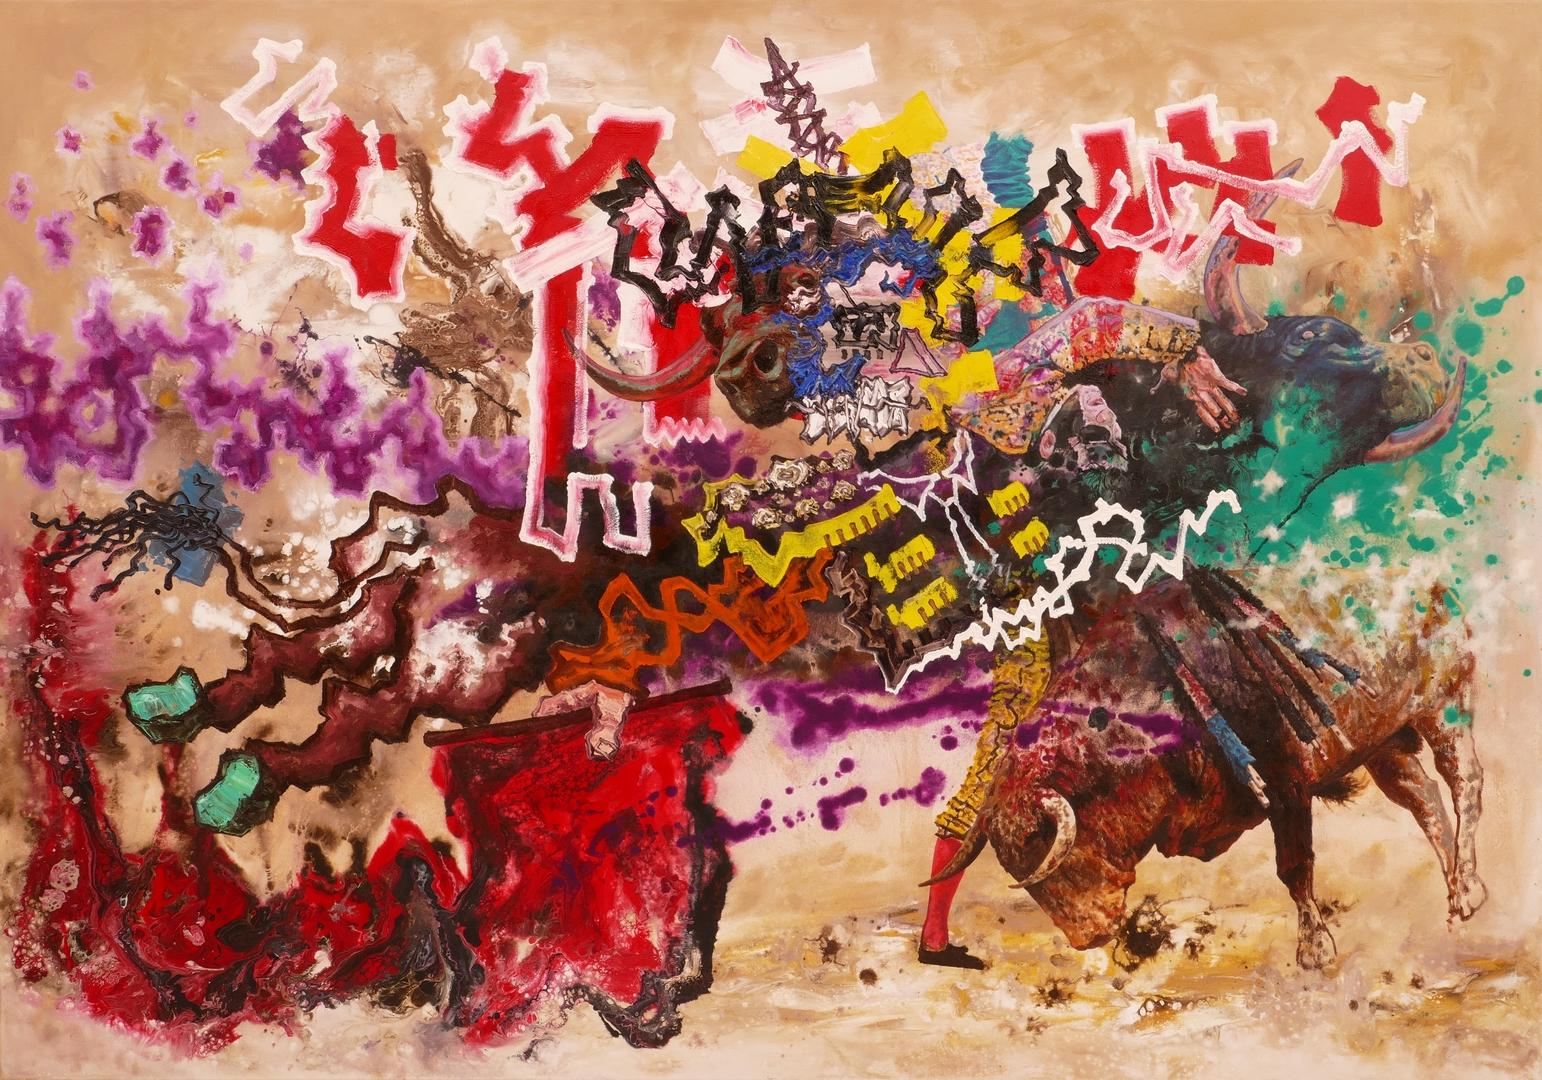 B, Der rote Pirat VI,140x200cm, Öl, Acryl,2020